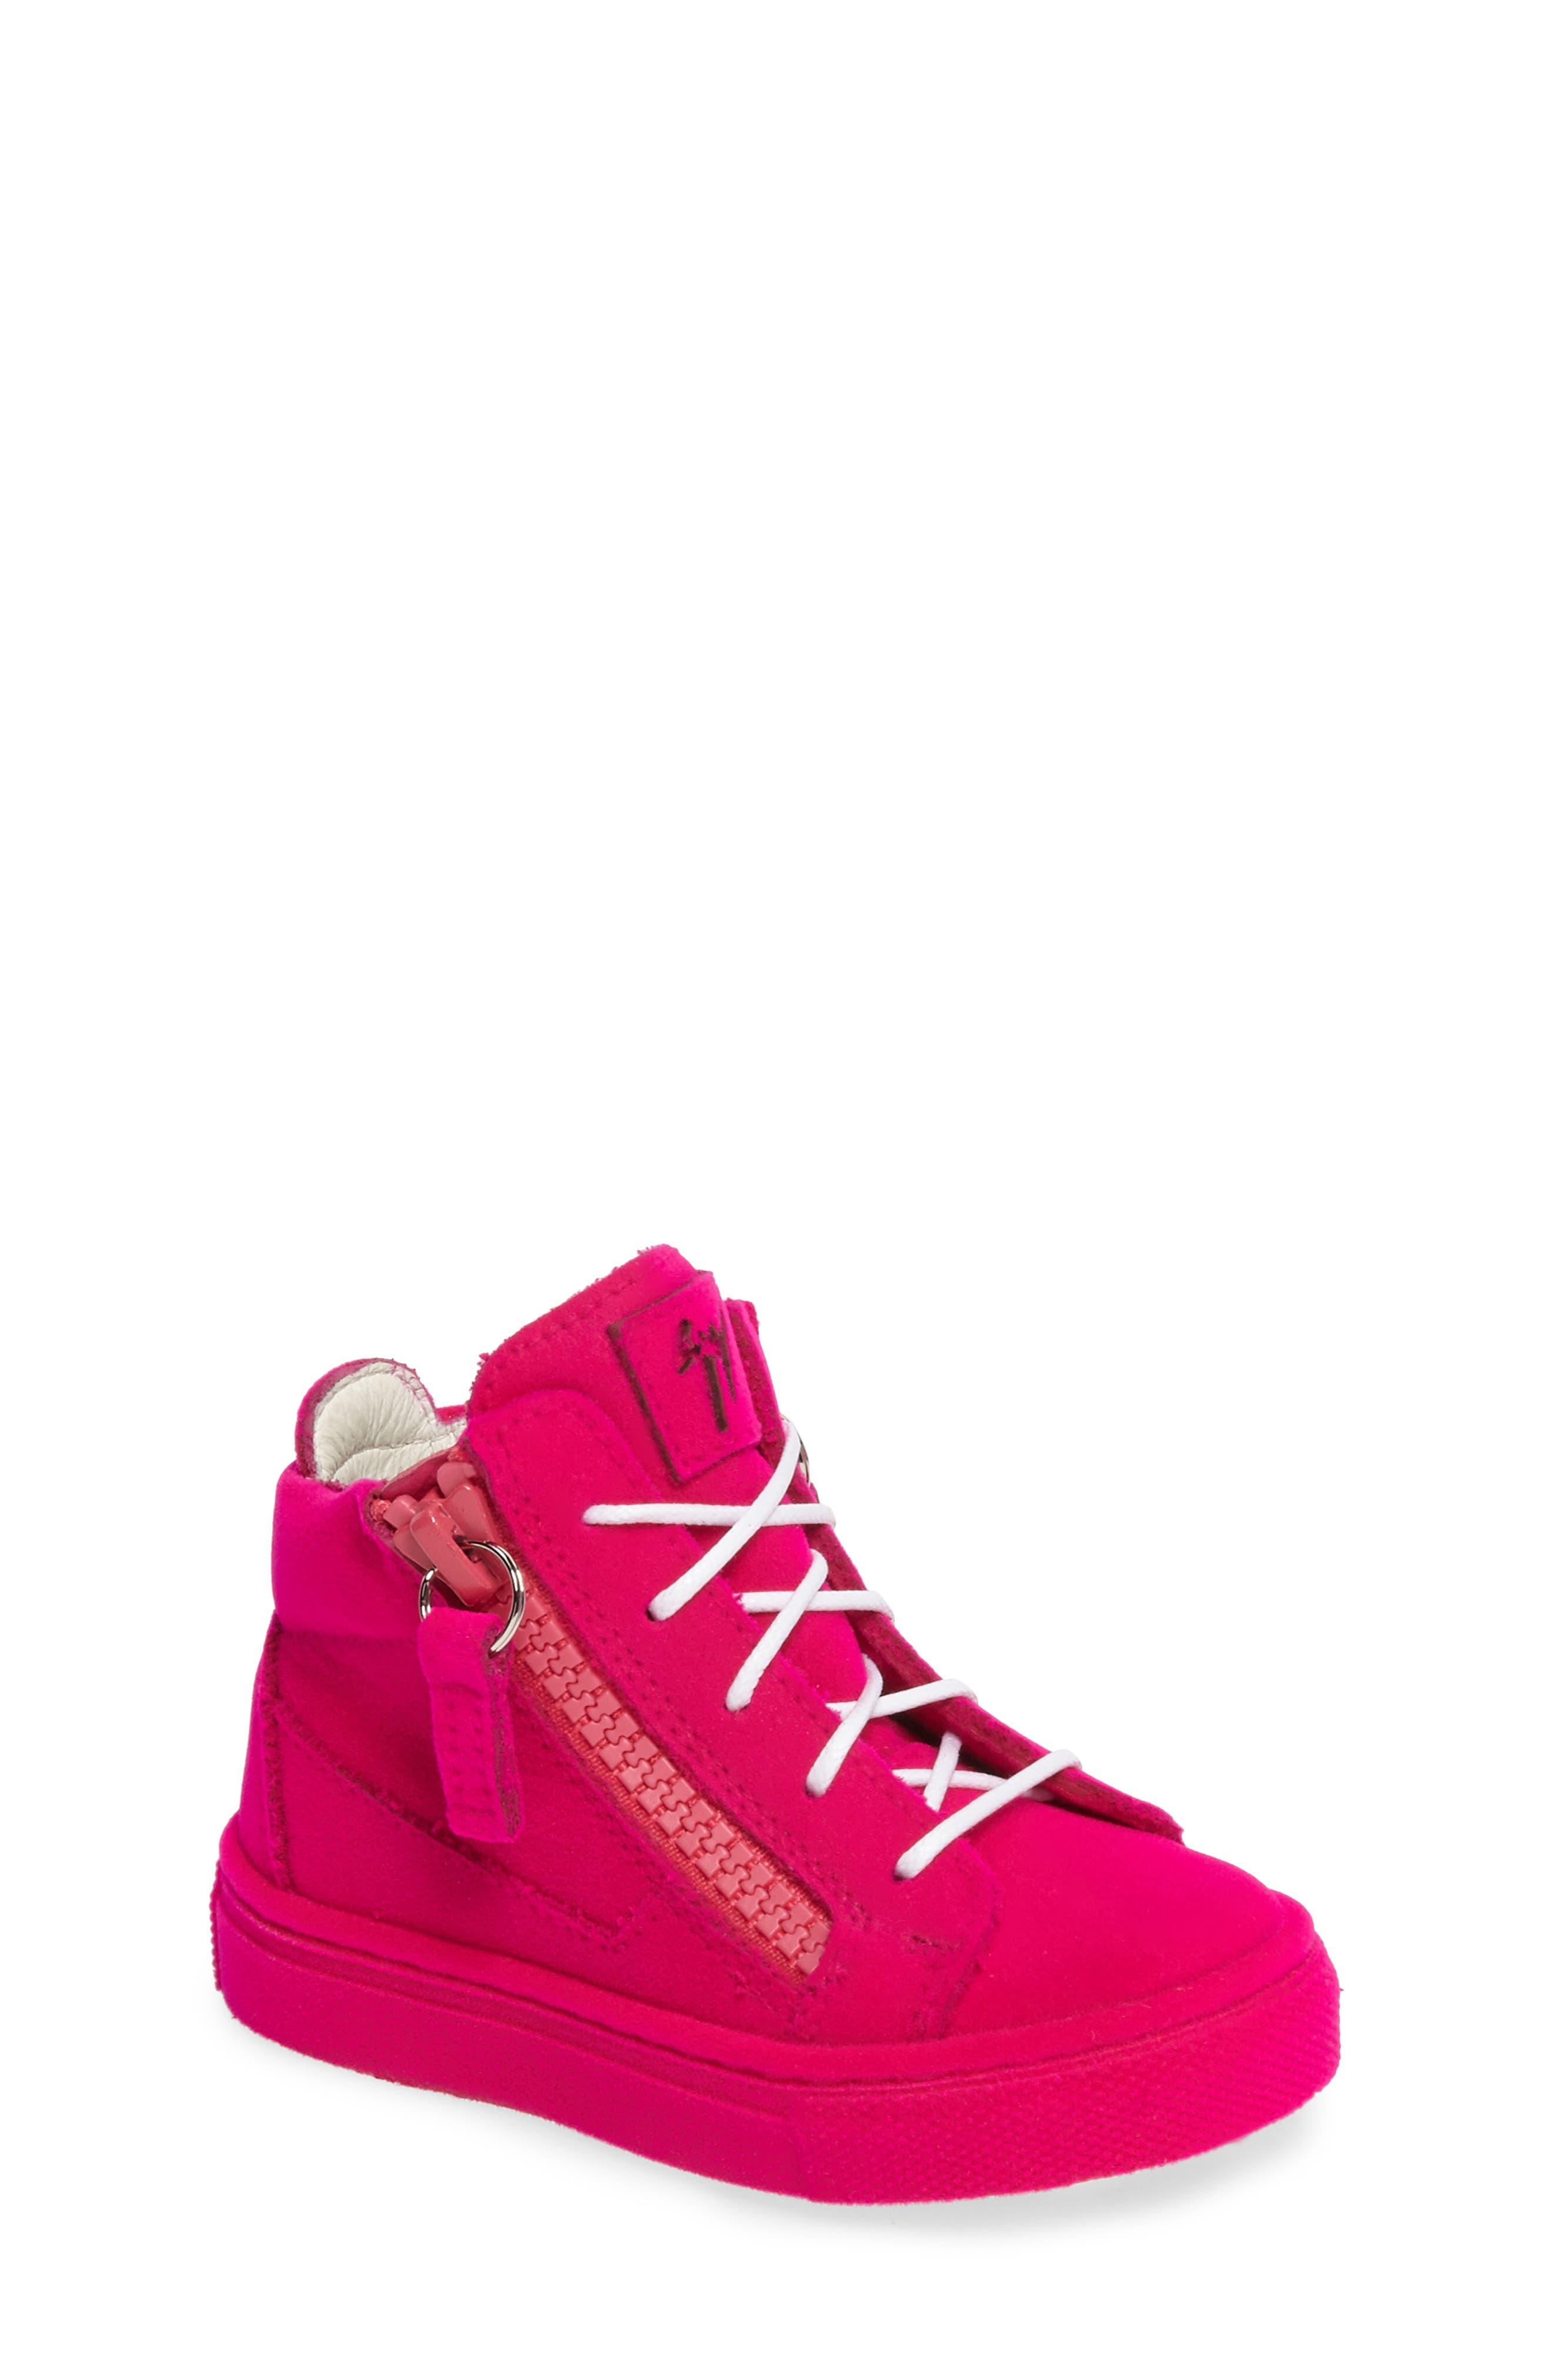 Main Image - Giuseppe Zanotti Smuggy Sneaker (Baby, Walker, Toddler & Little Kid)